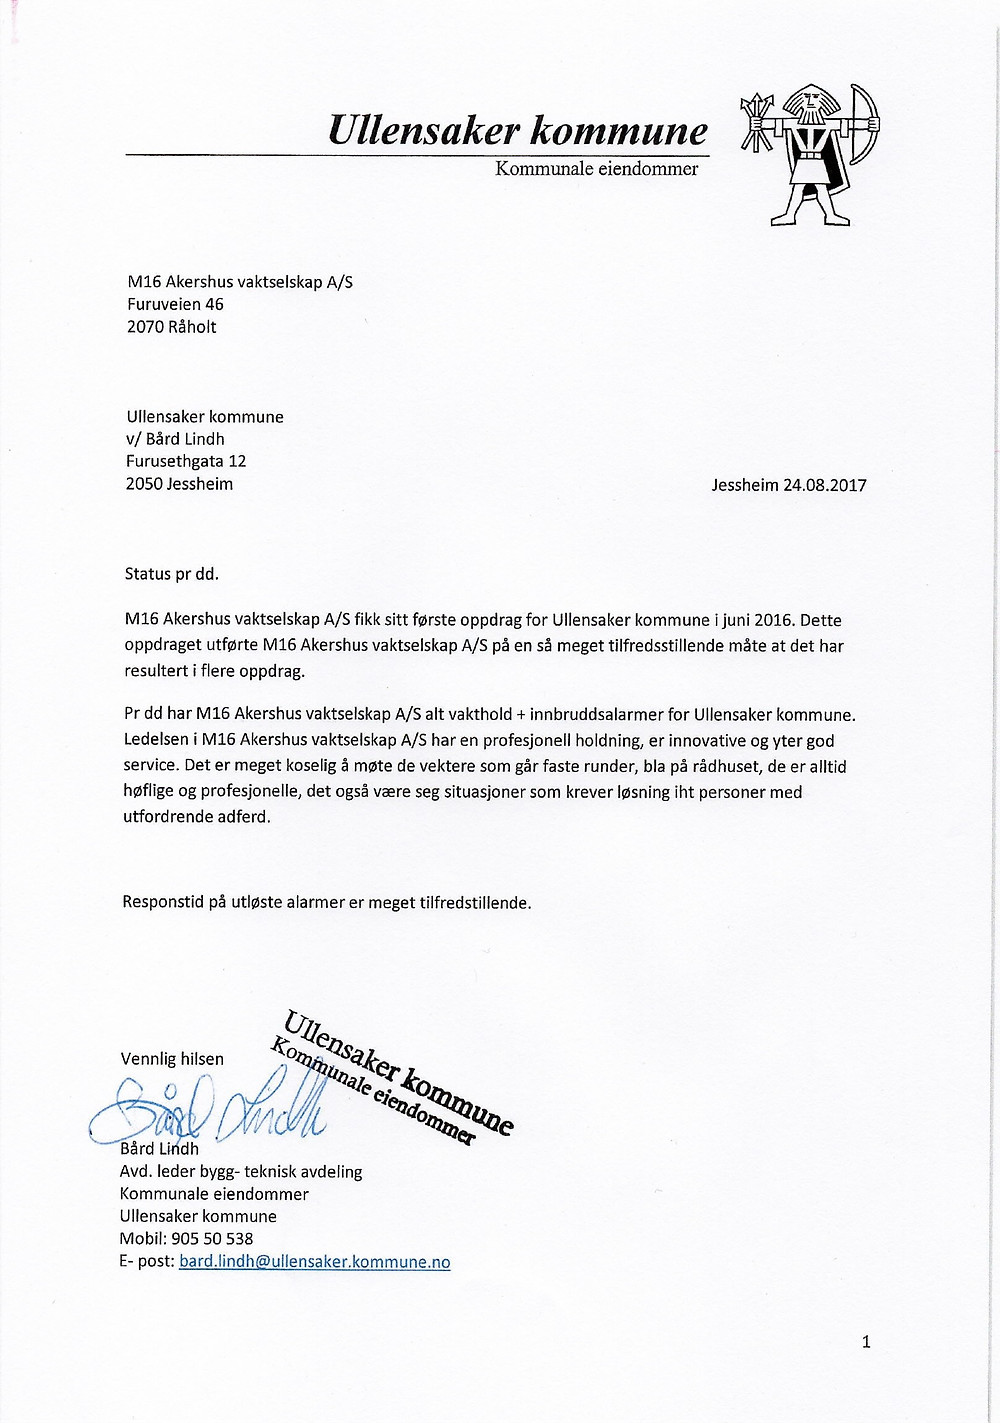 Stor takk til Ullensaker kommune for godt sammarbeide. Stor takk til våre vektere sørge for trygghet, sikkerhet og redusere uønskede hendelser